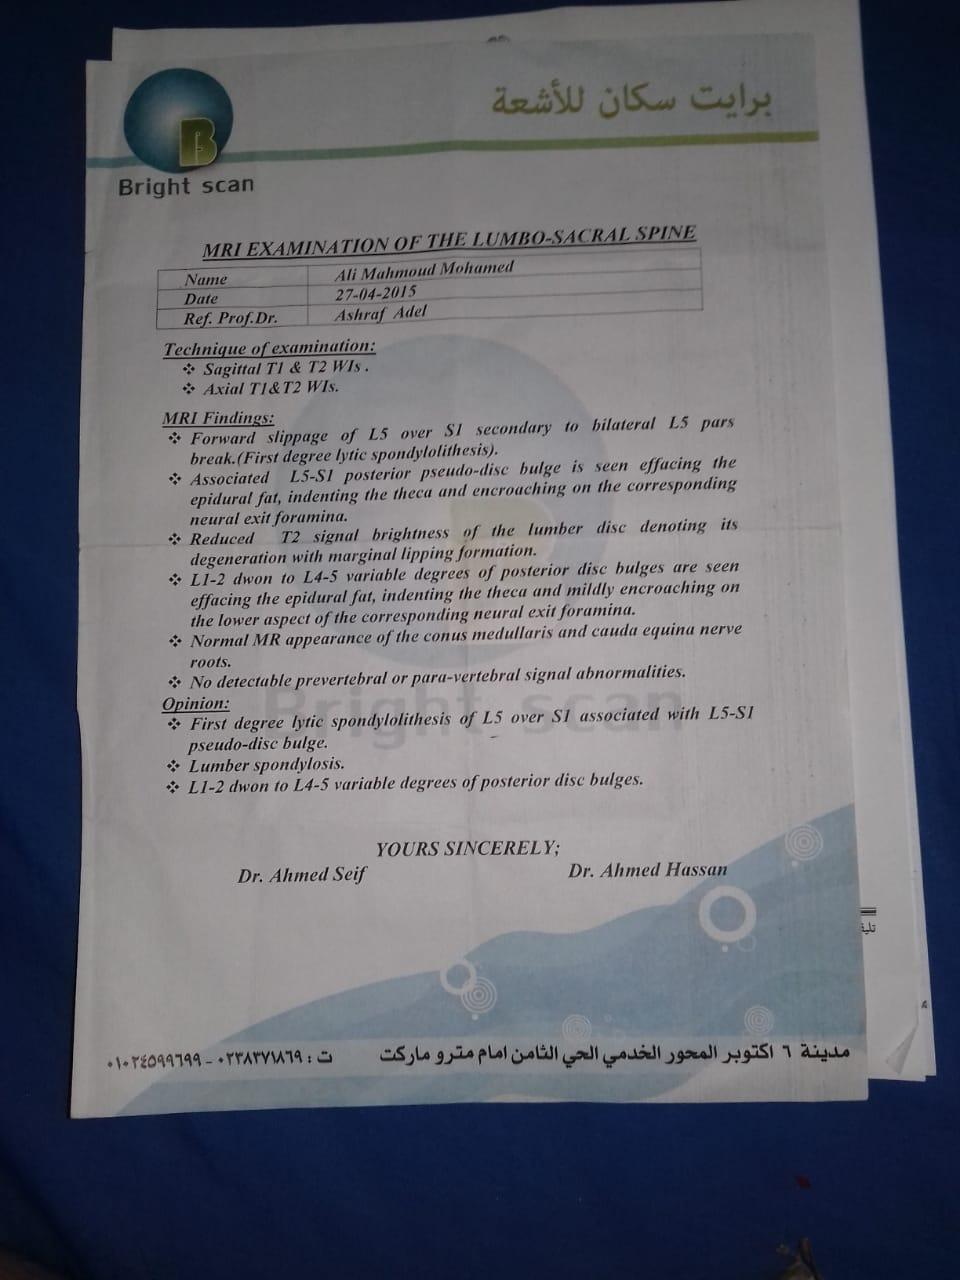 شهادات وتقارير طبية تثبت اصابة الحالة (1)